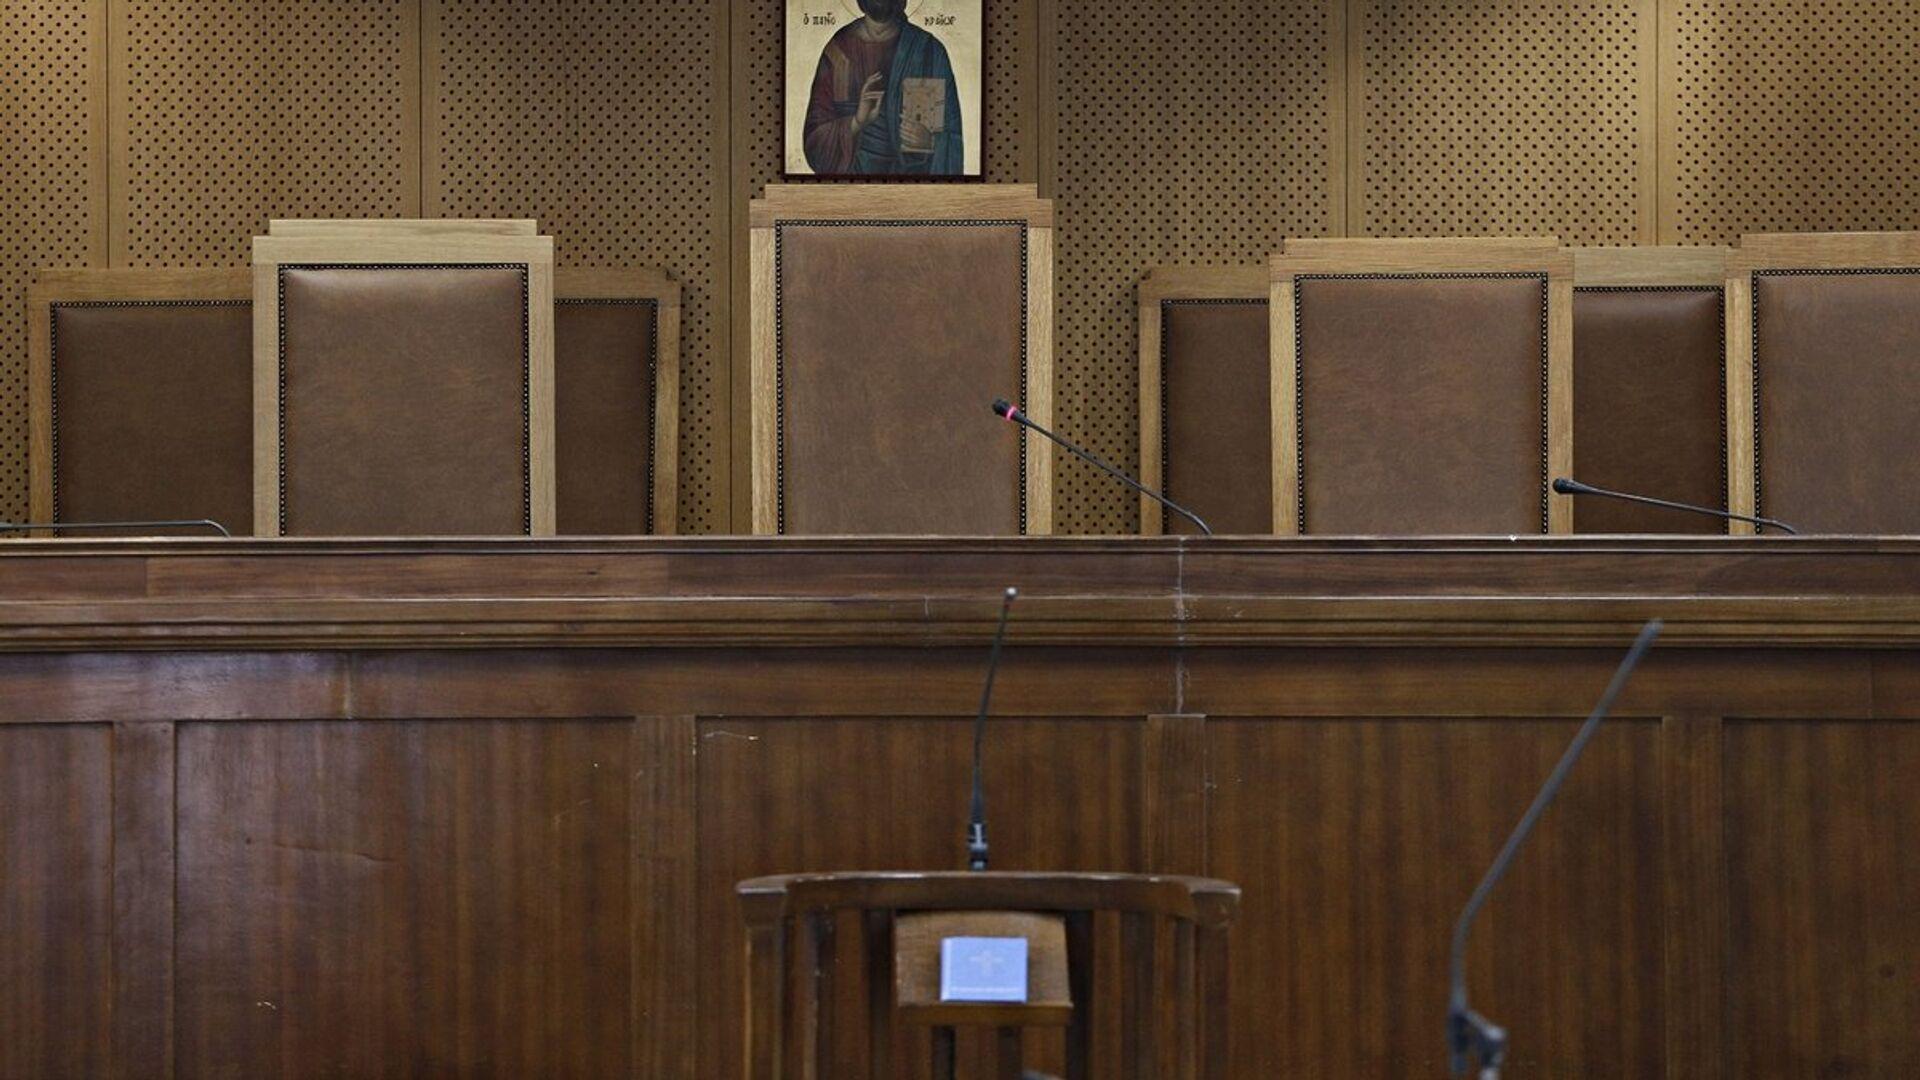 Αίθουσα δικαστηρίου - Sputnik Ελλάδα, 1920, 12.10.2021